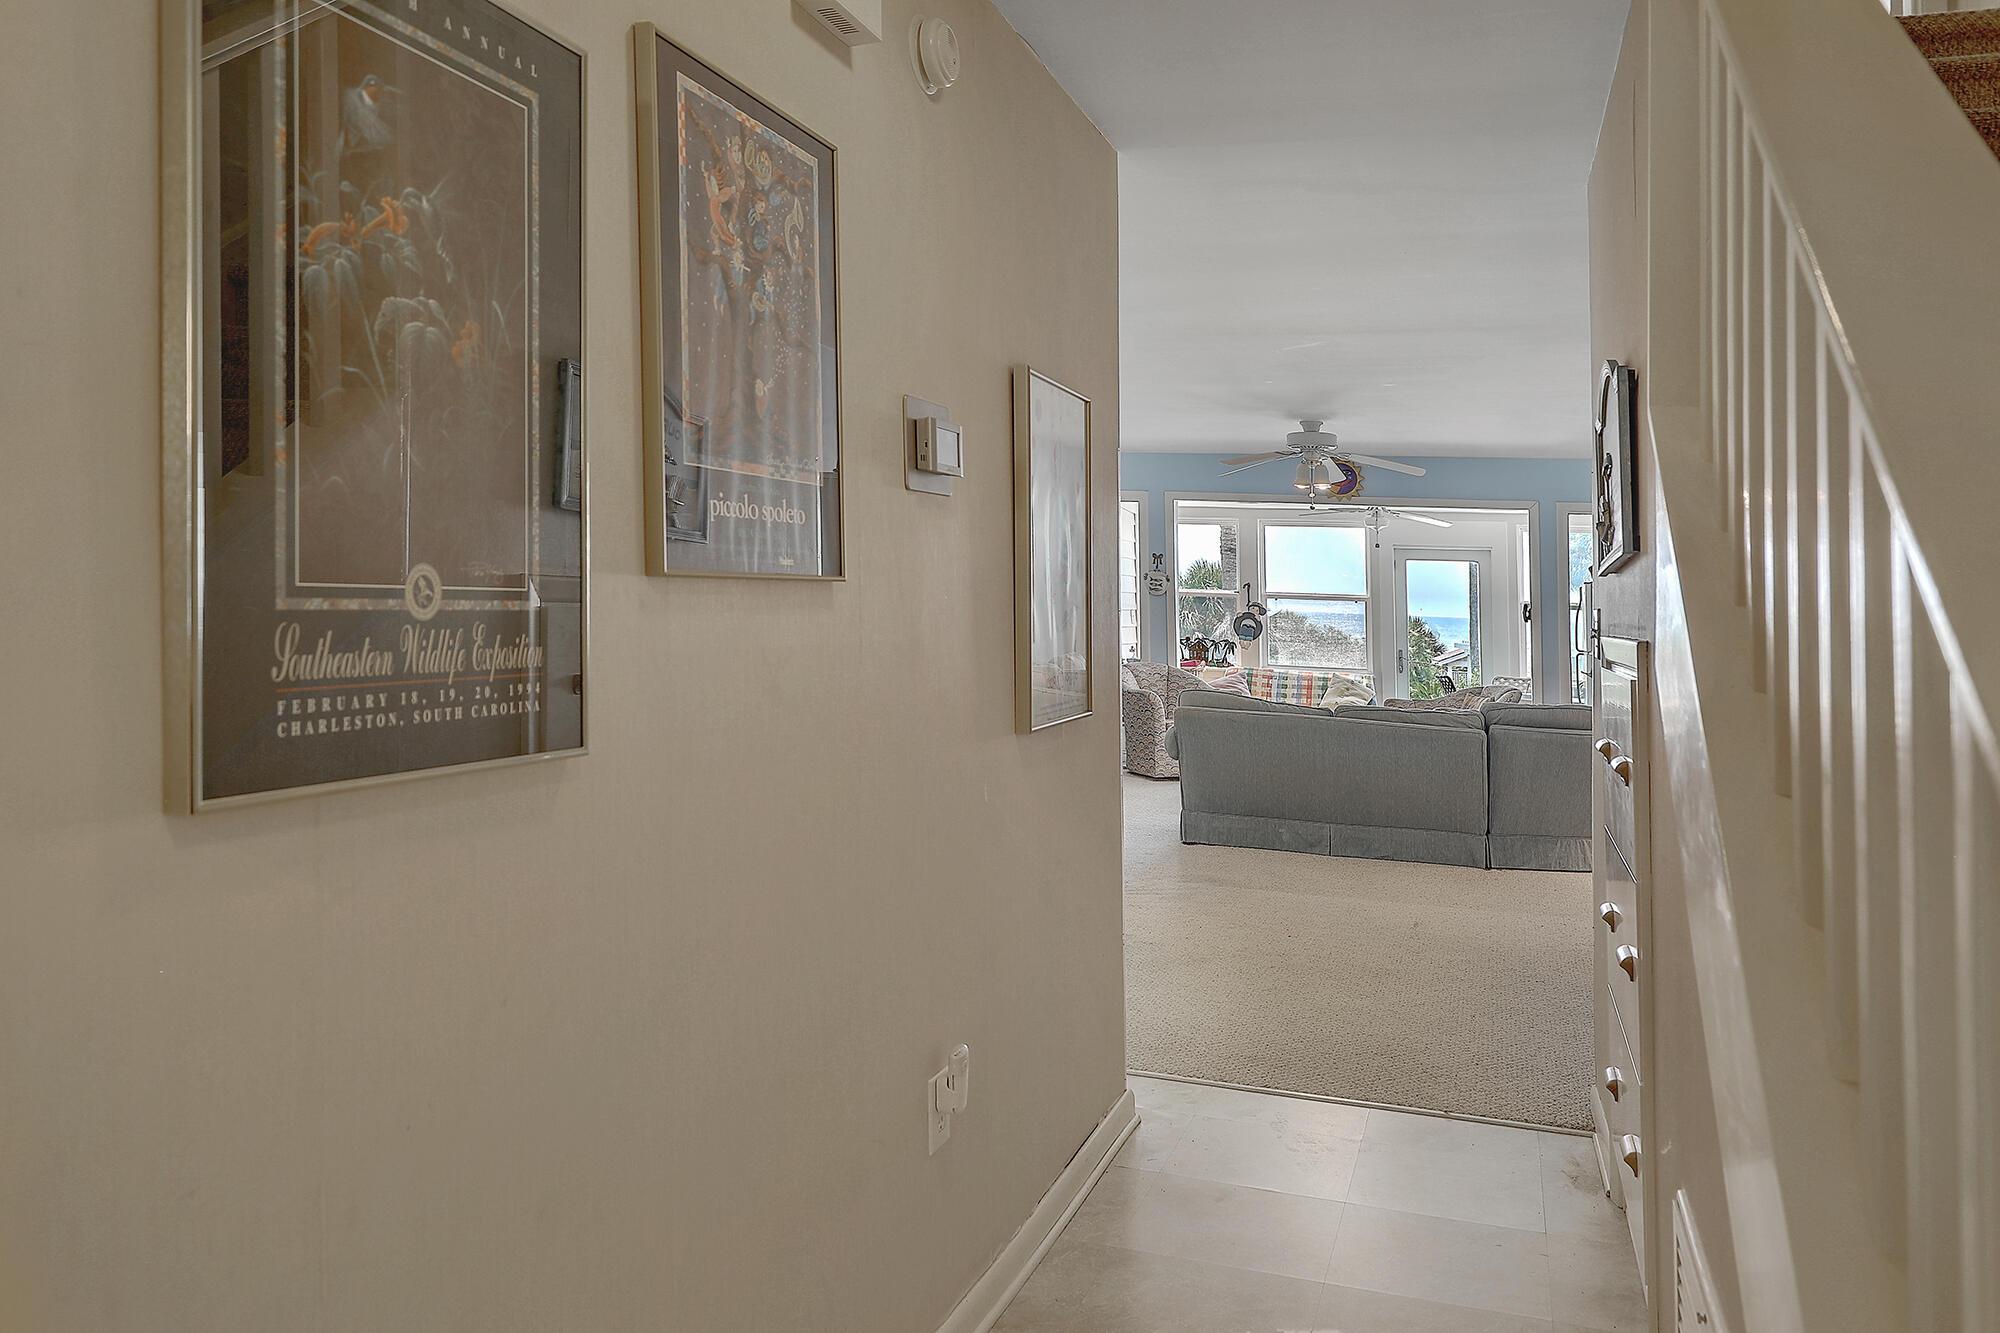 Beach Club Villas Homes For Sale - 15 Beach Club Villas, Isle of Palms, SC - 27